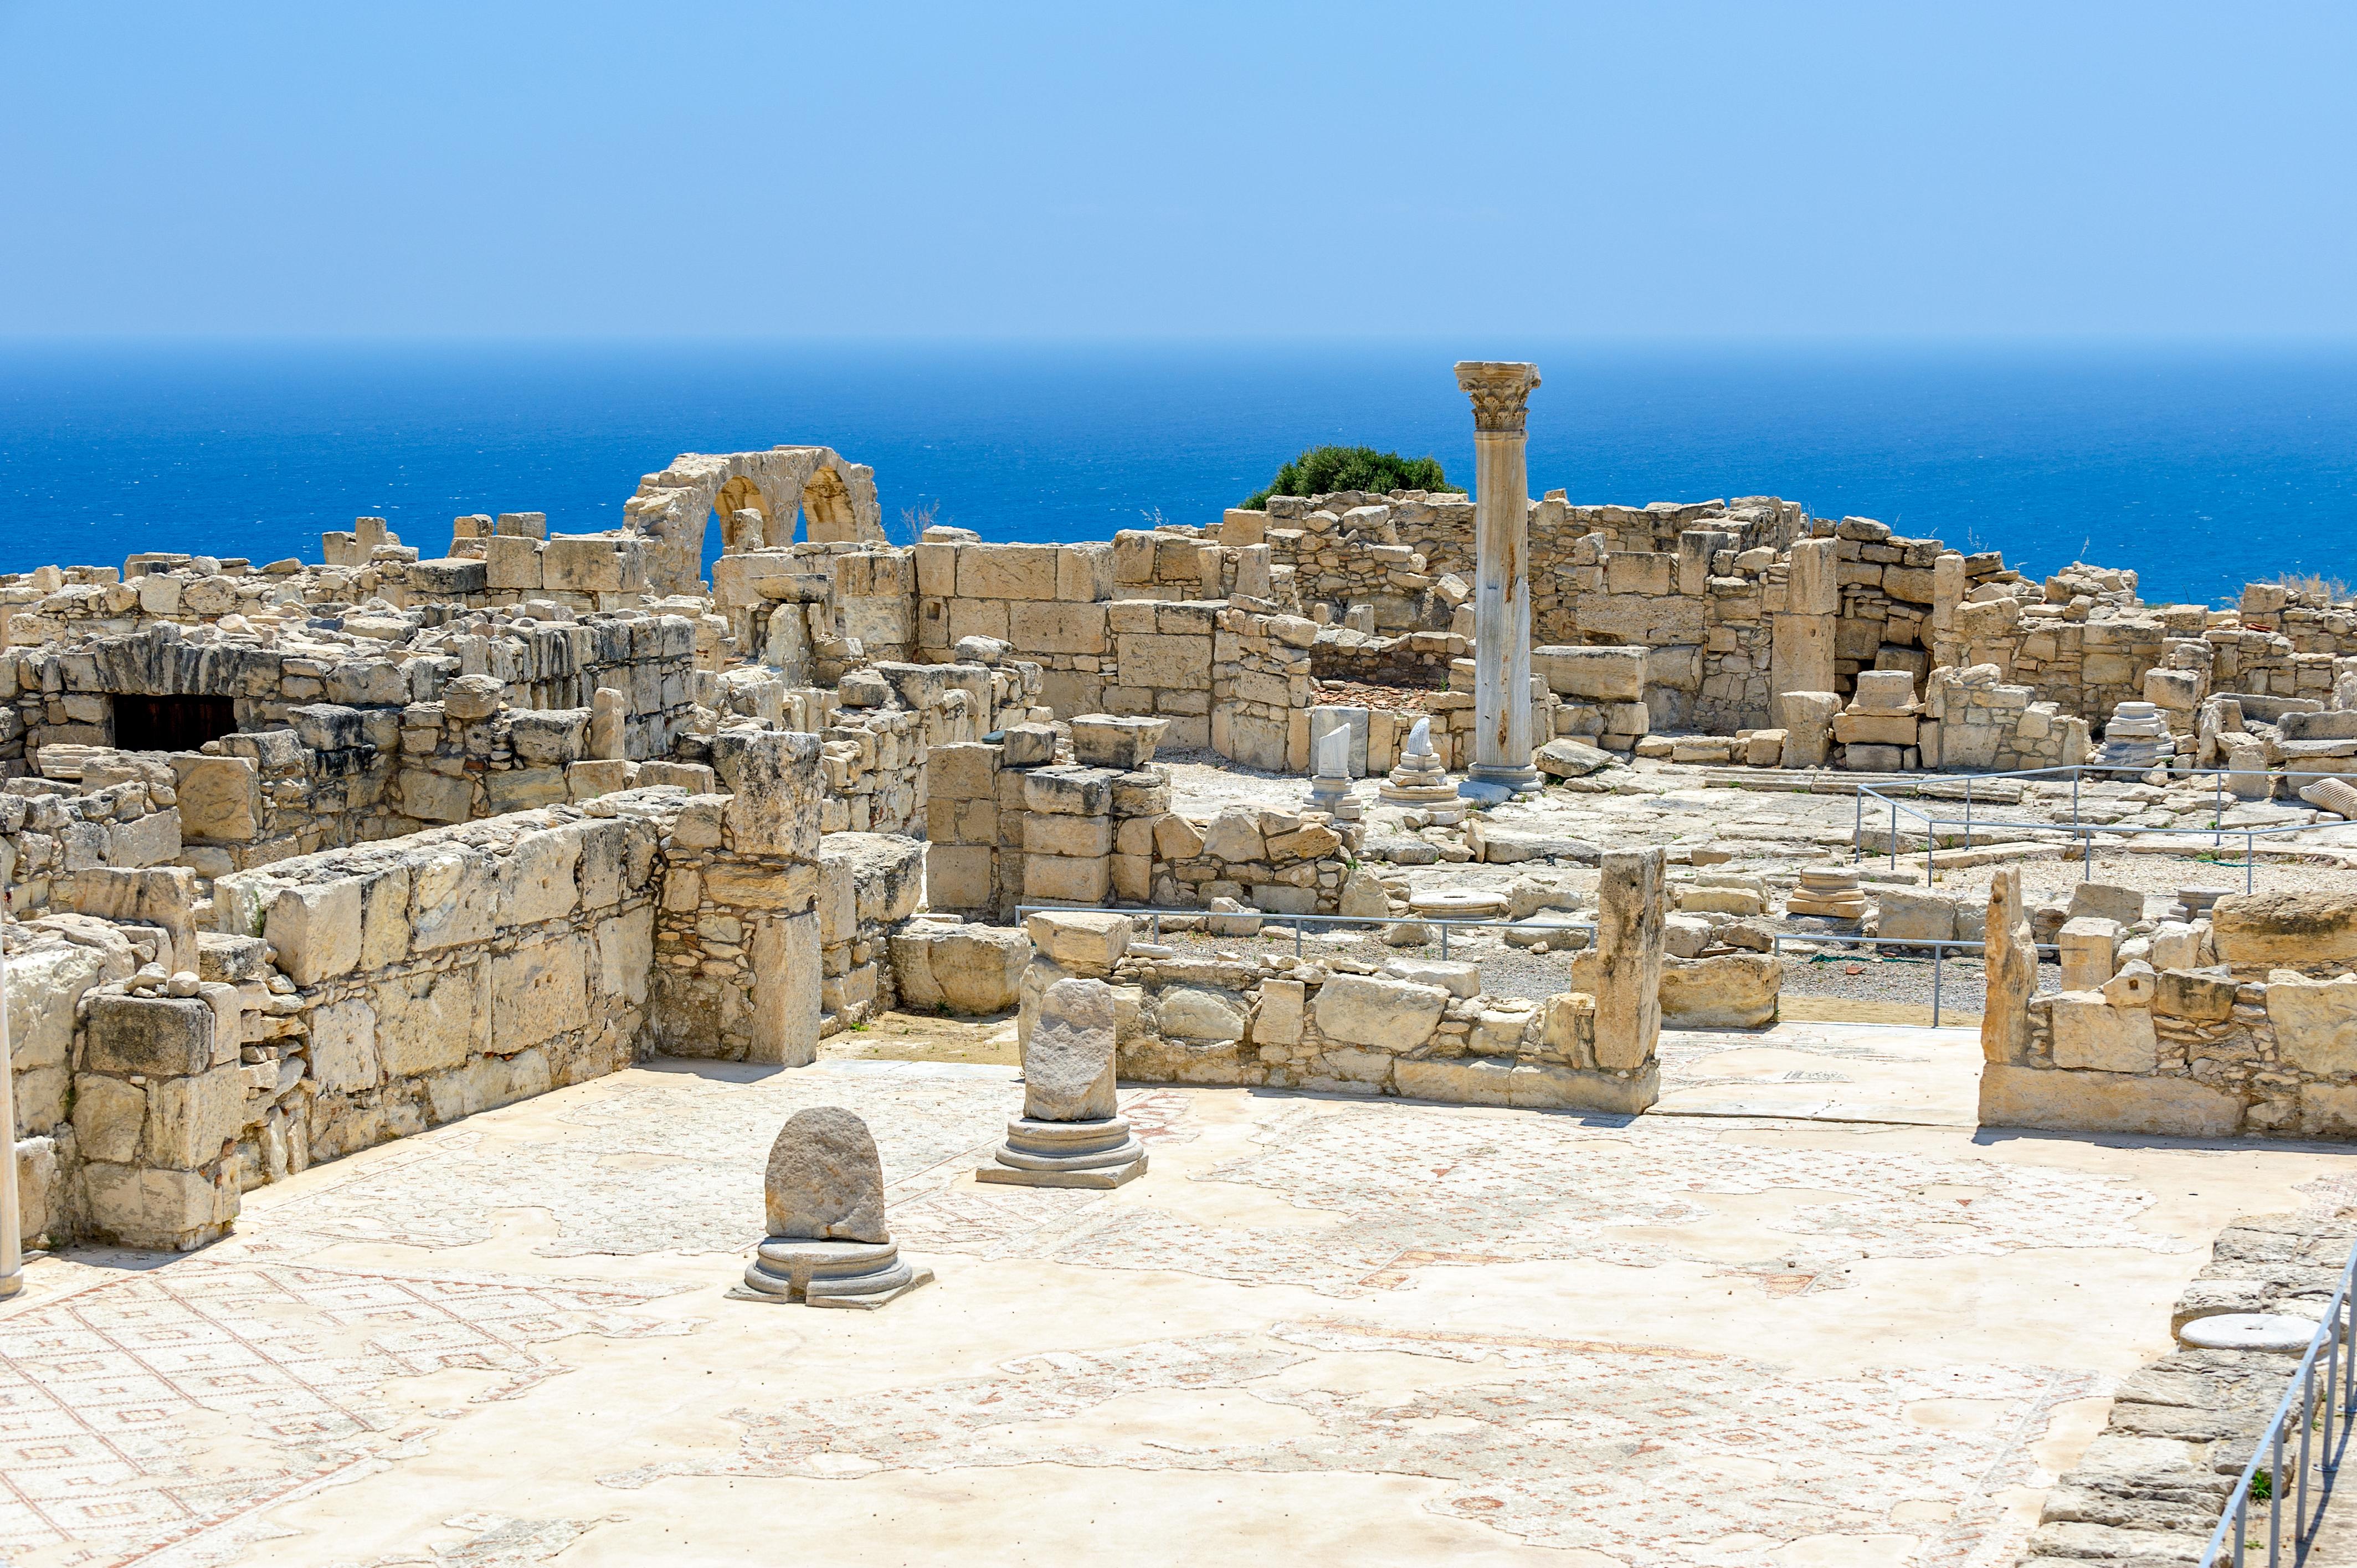 Руины древнего города на Кипре, ПМЖ которого могут получить россияне, украинцы и белорусы